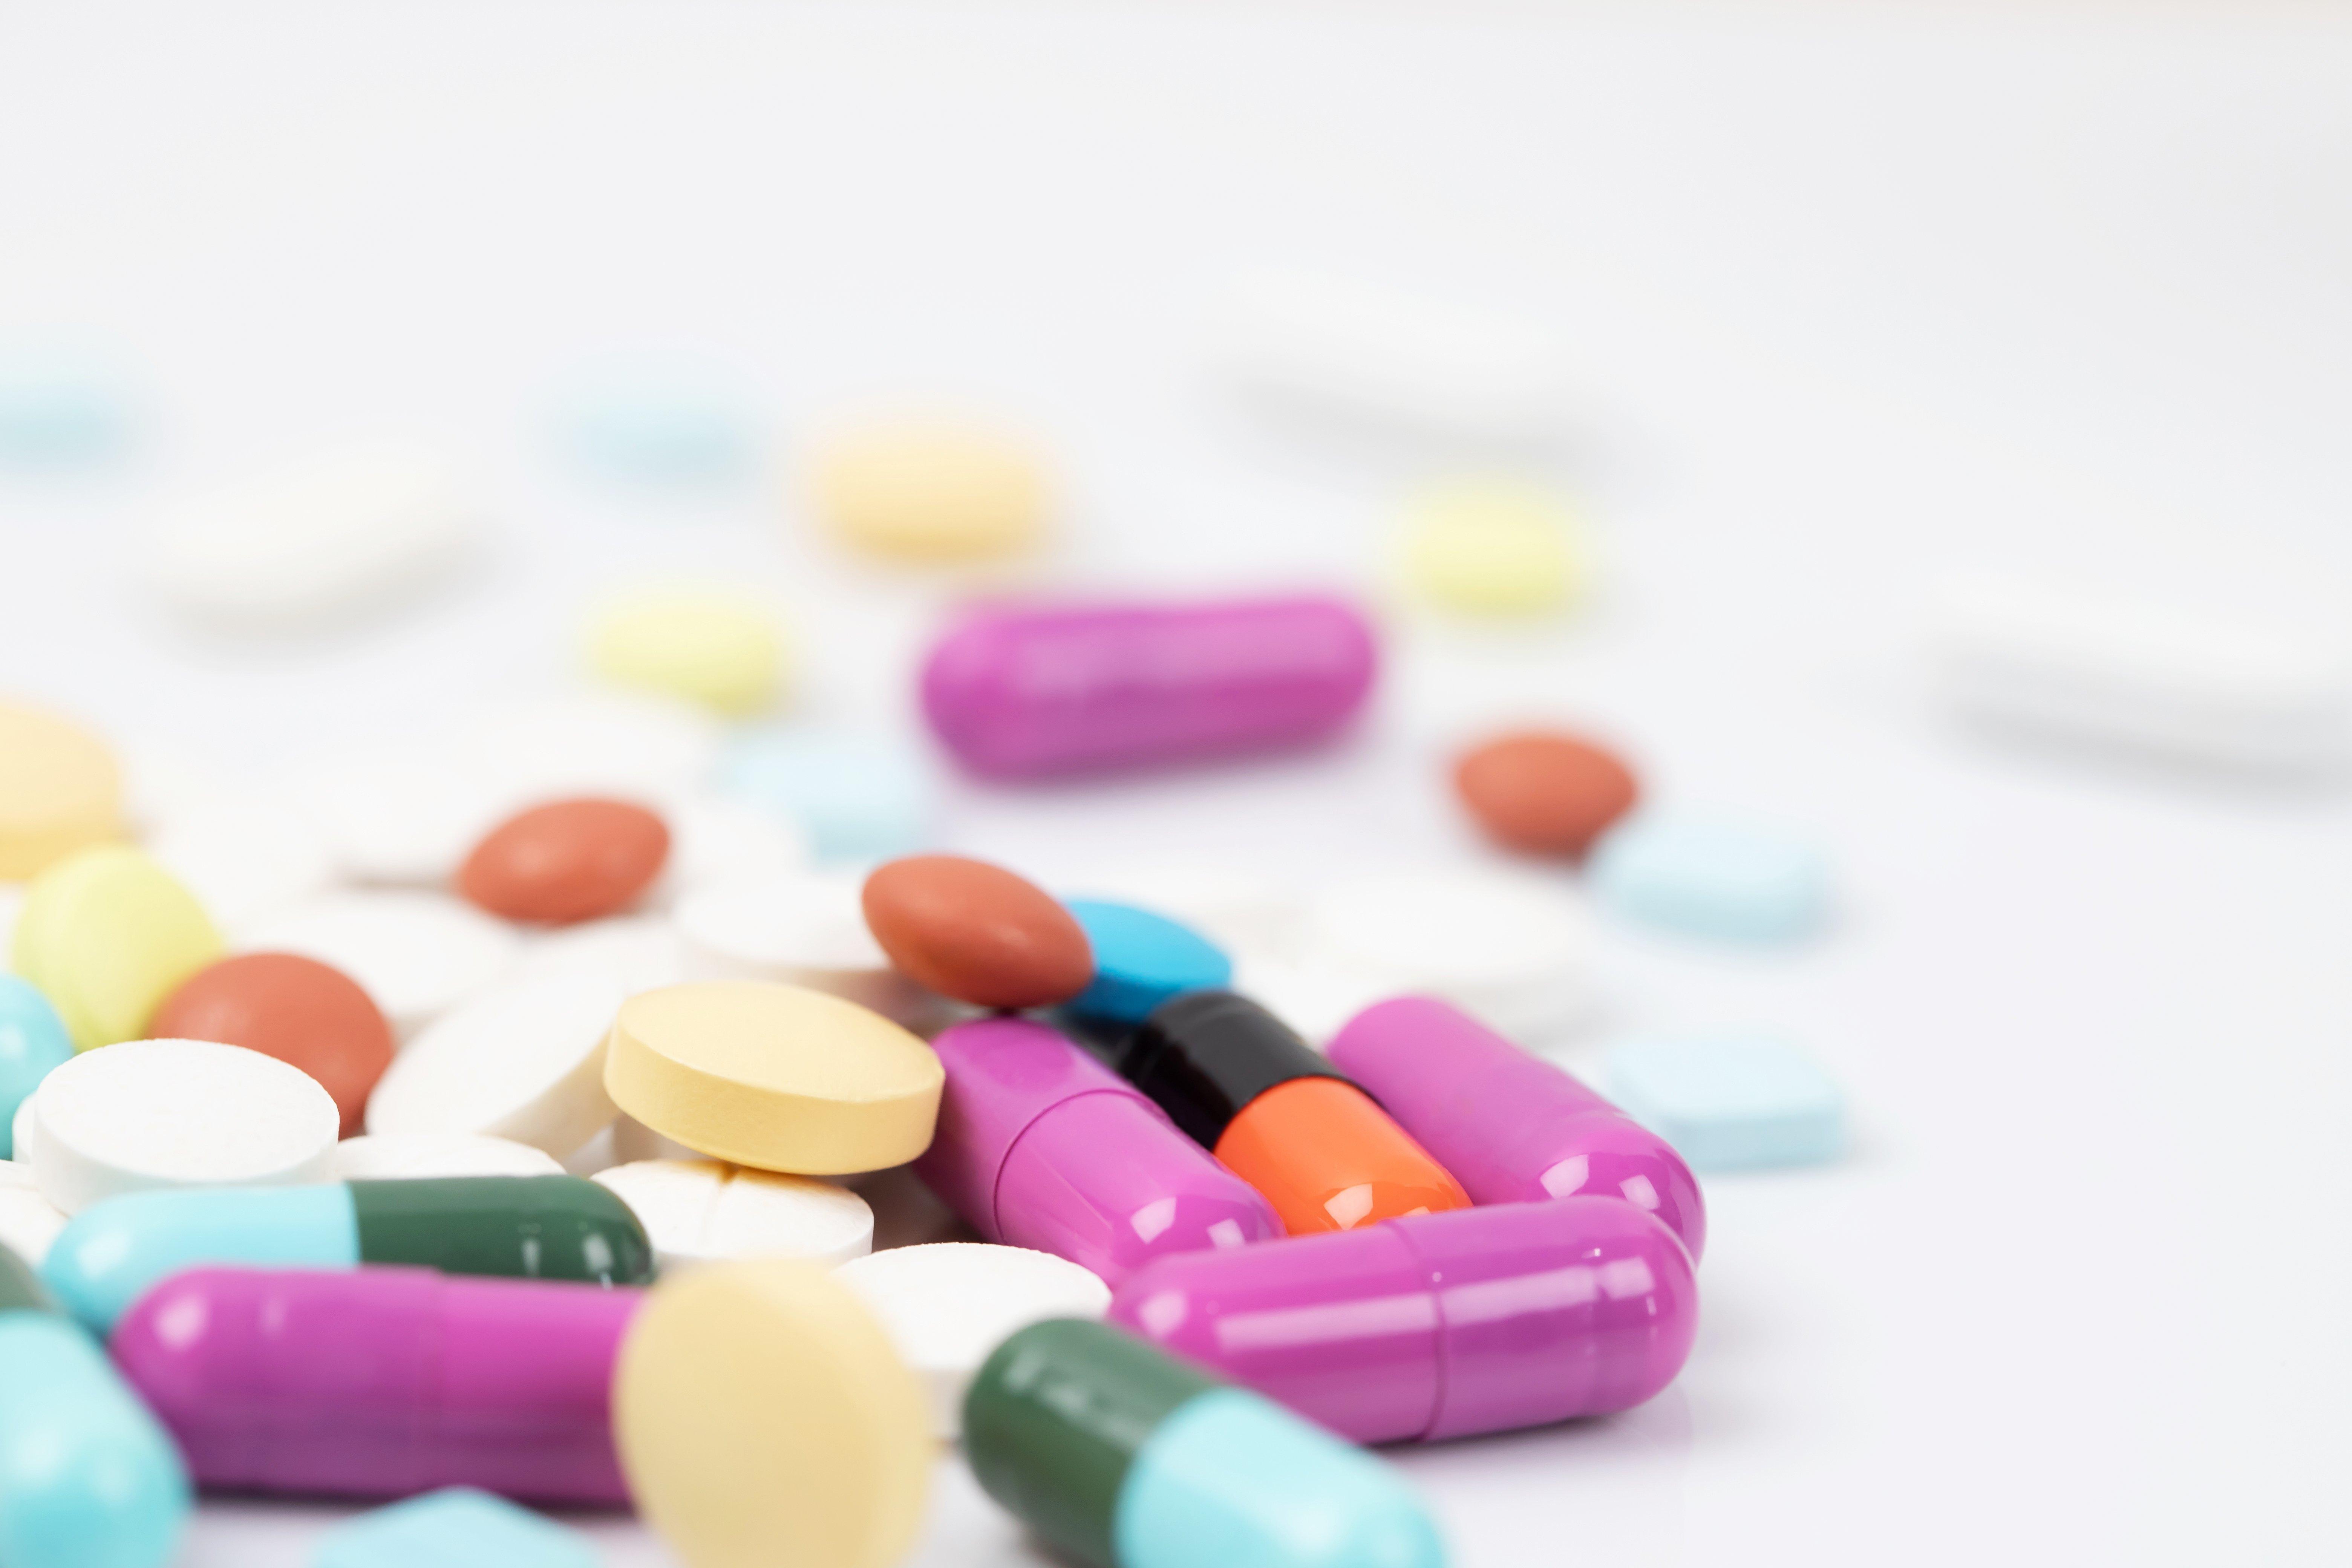 Αναποτελεσματική η βιταμίνη D και τα Ω3 στην πρόληψη καρκίνου και καρδιακών